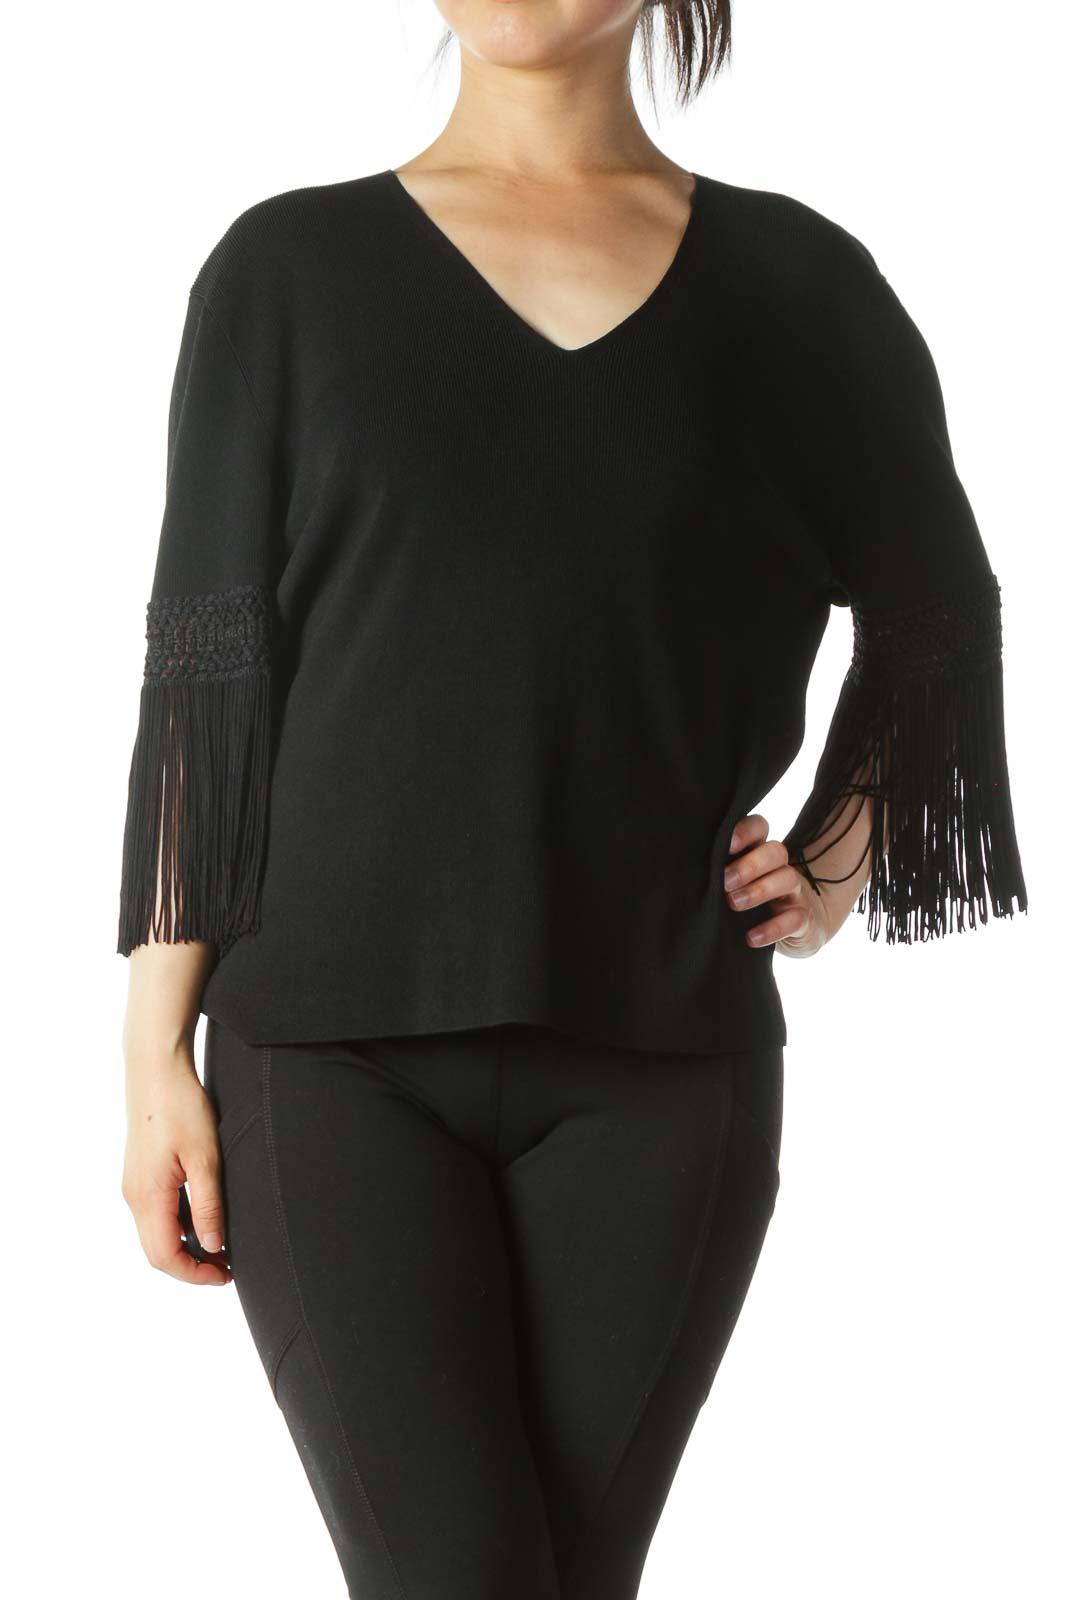 Black Sleeve Tassel Detail V-Neck Textured Top Front